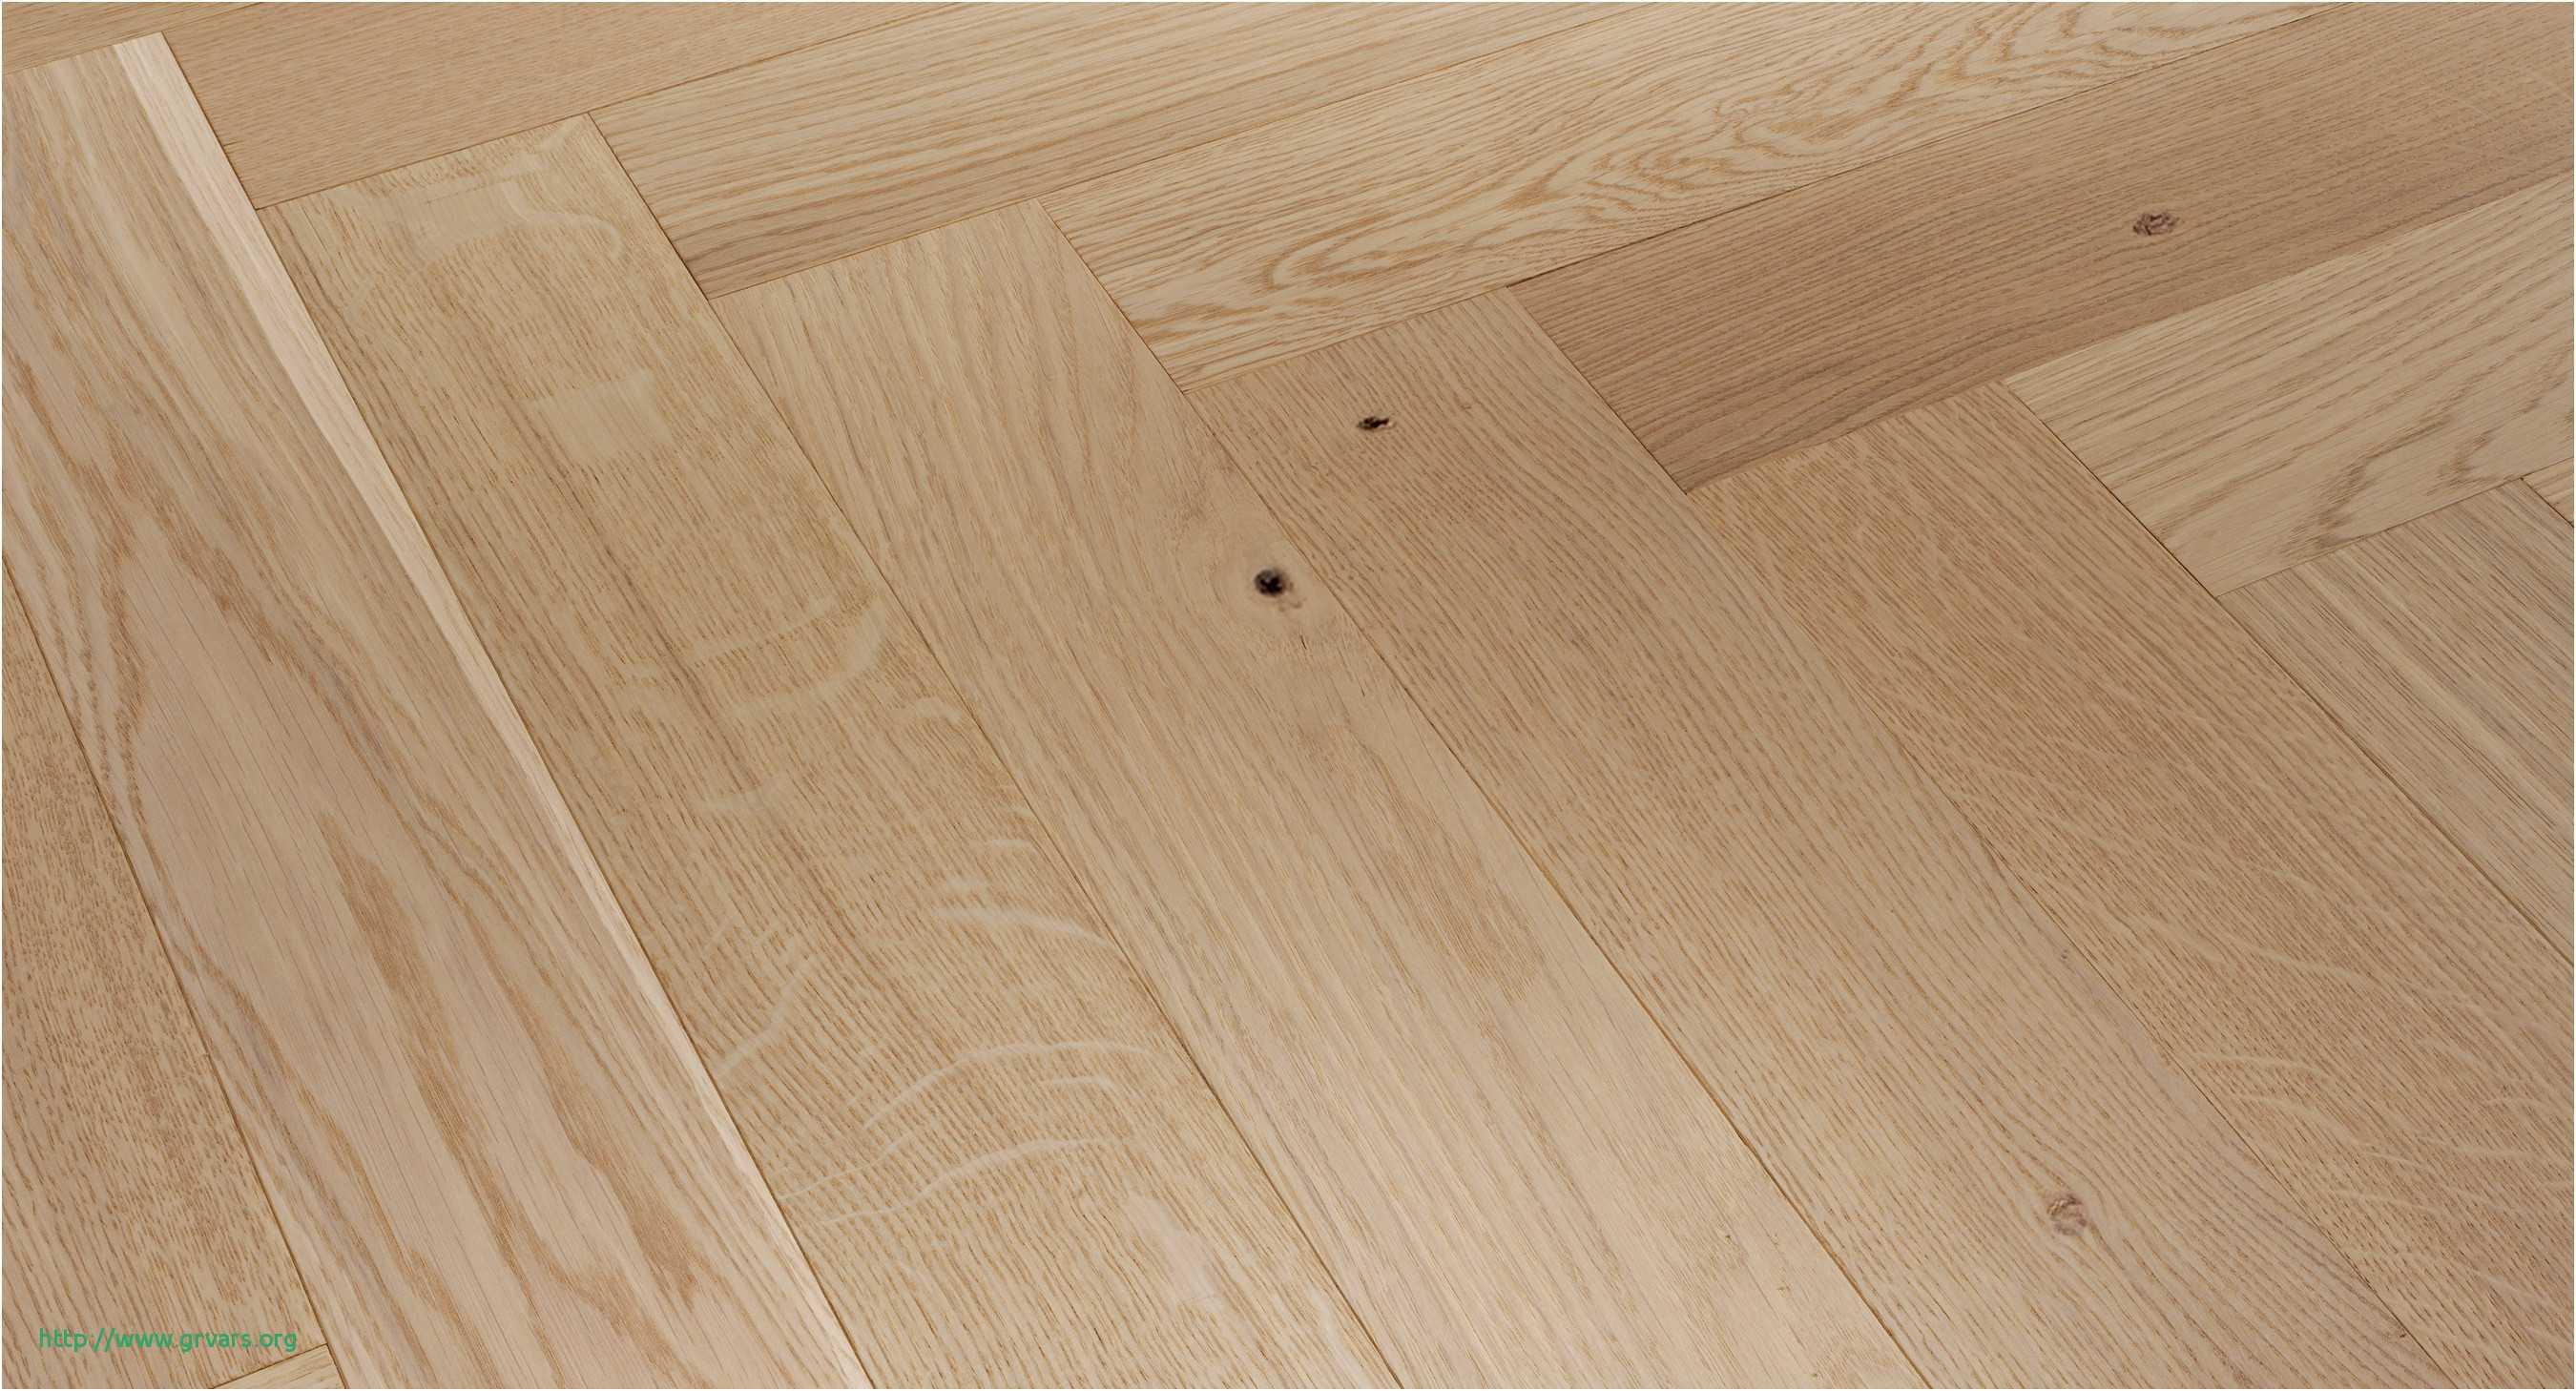 prefinished hardwood flooring for sale of 15 luxe hardwood flooring in massachusetts ideas blog pertaining to flooring near me flooring sale near me stock 0d grace place barnegat nj